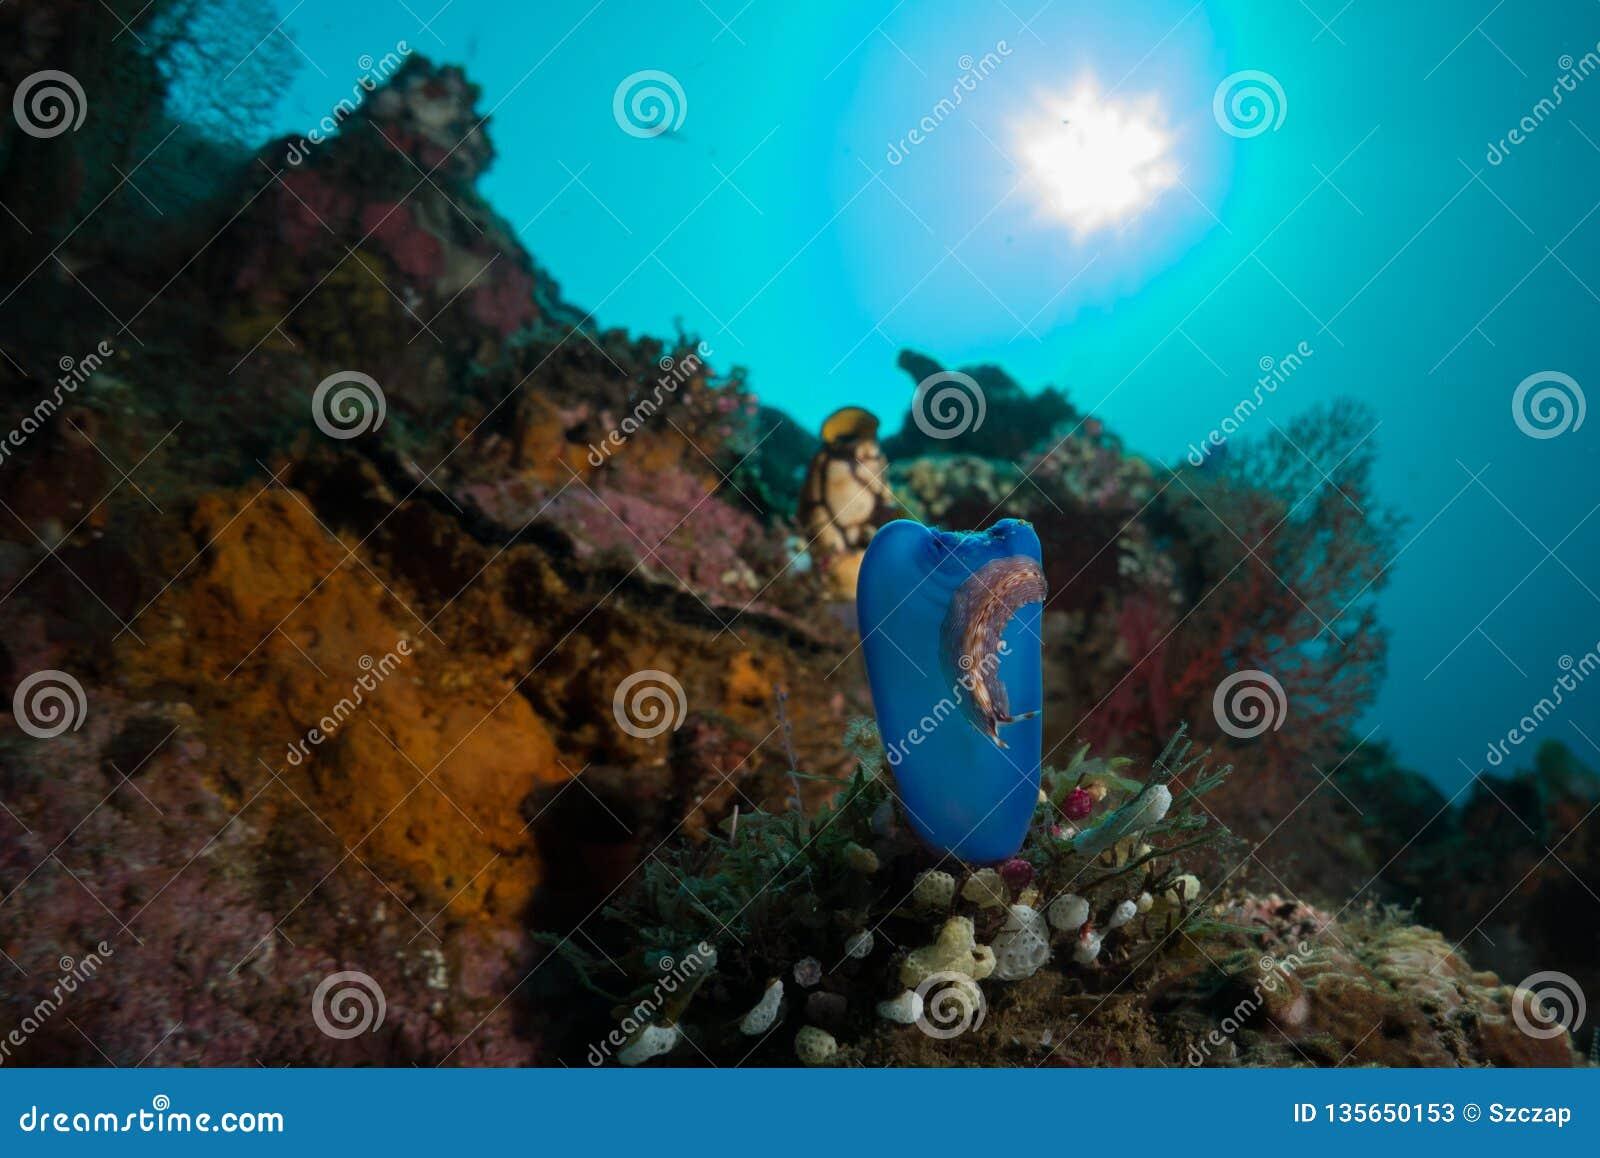 Reefscape με μπλε χιτωνοφόρες